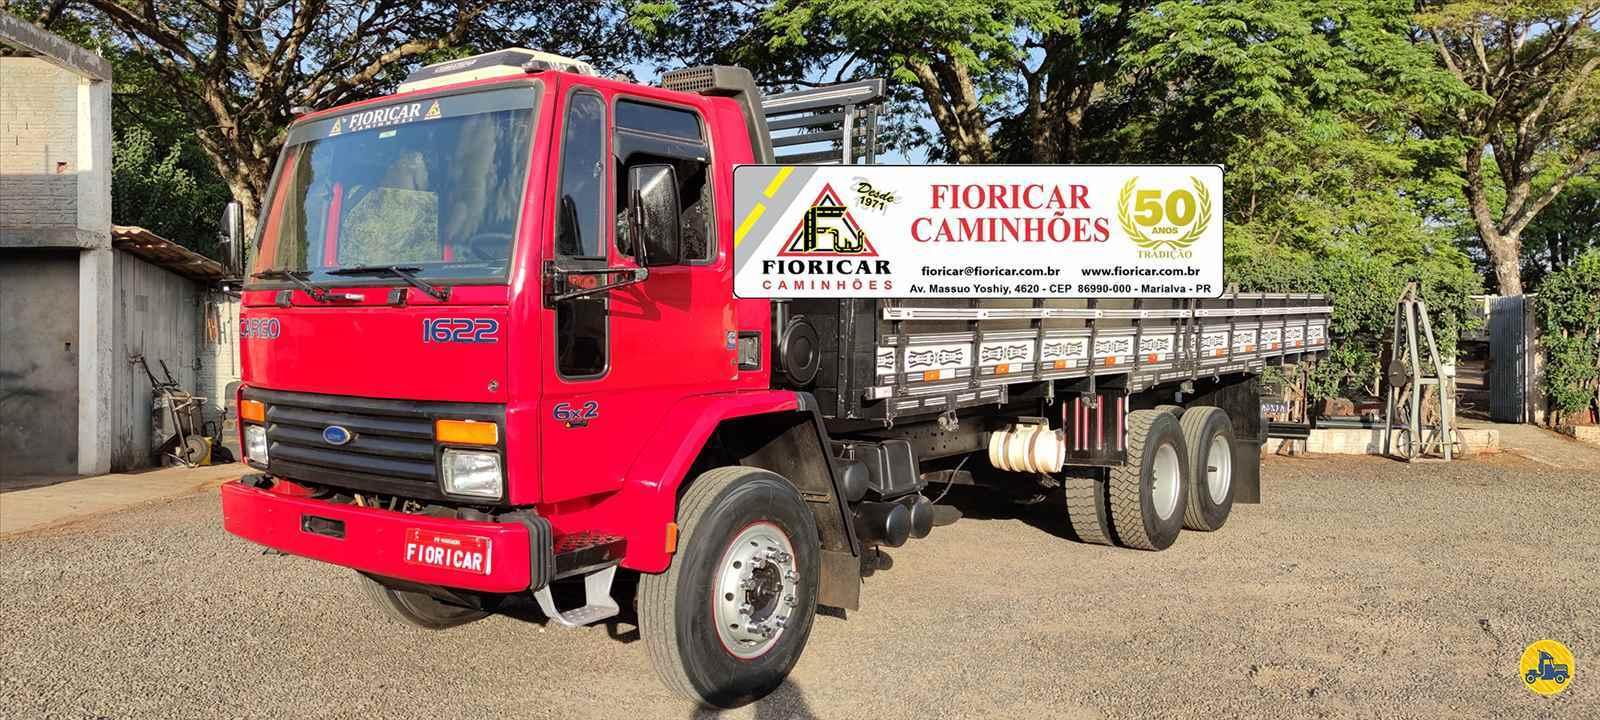 CAMINHAO FORD CARGO 1622 Carga Seca Truck 6x2 Fioricar Caminhões MARIALVA PARANÁ PR